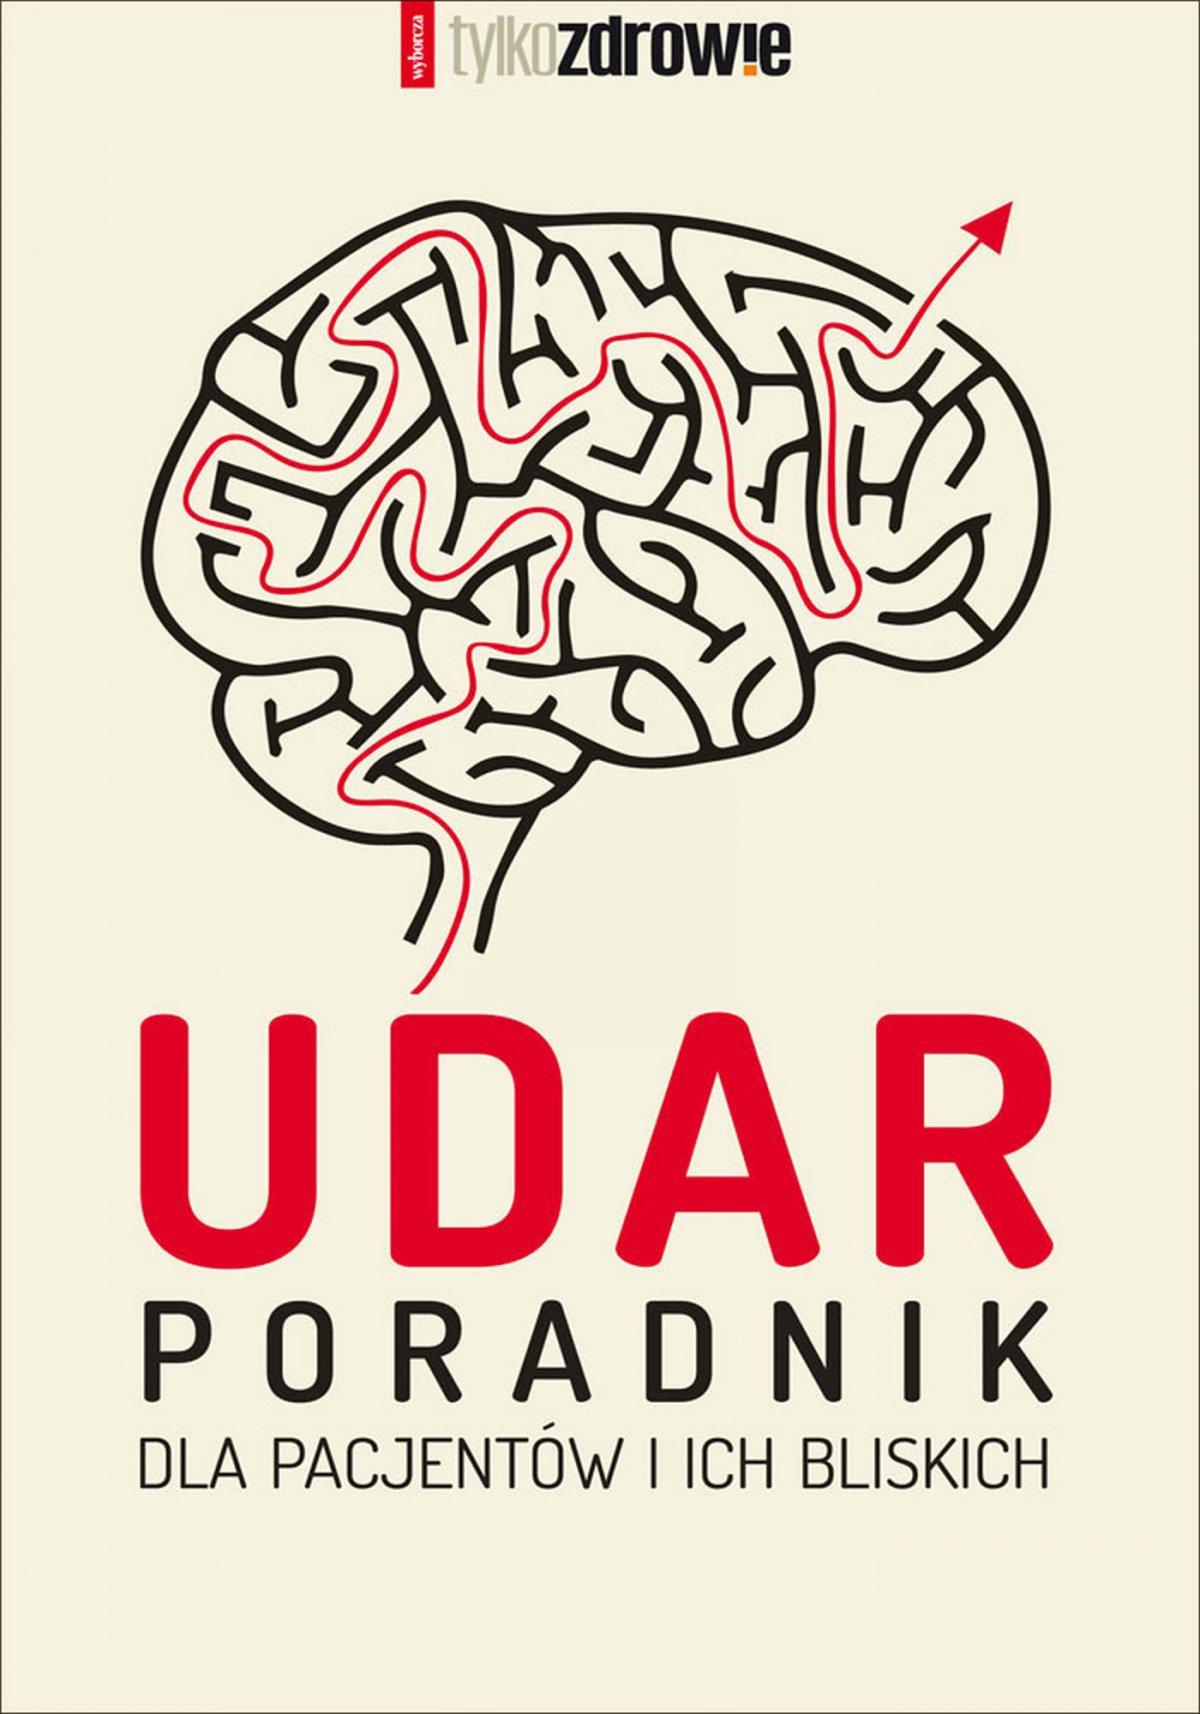 Udar. Poradnik dla pacjentów i ich bliskich - Ebook (Książka na Kindle) do pobrania w formacie MOBI